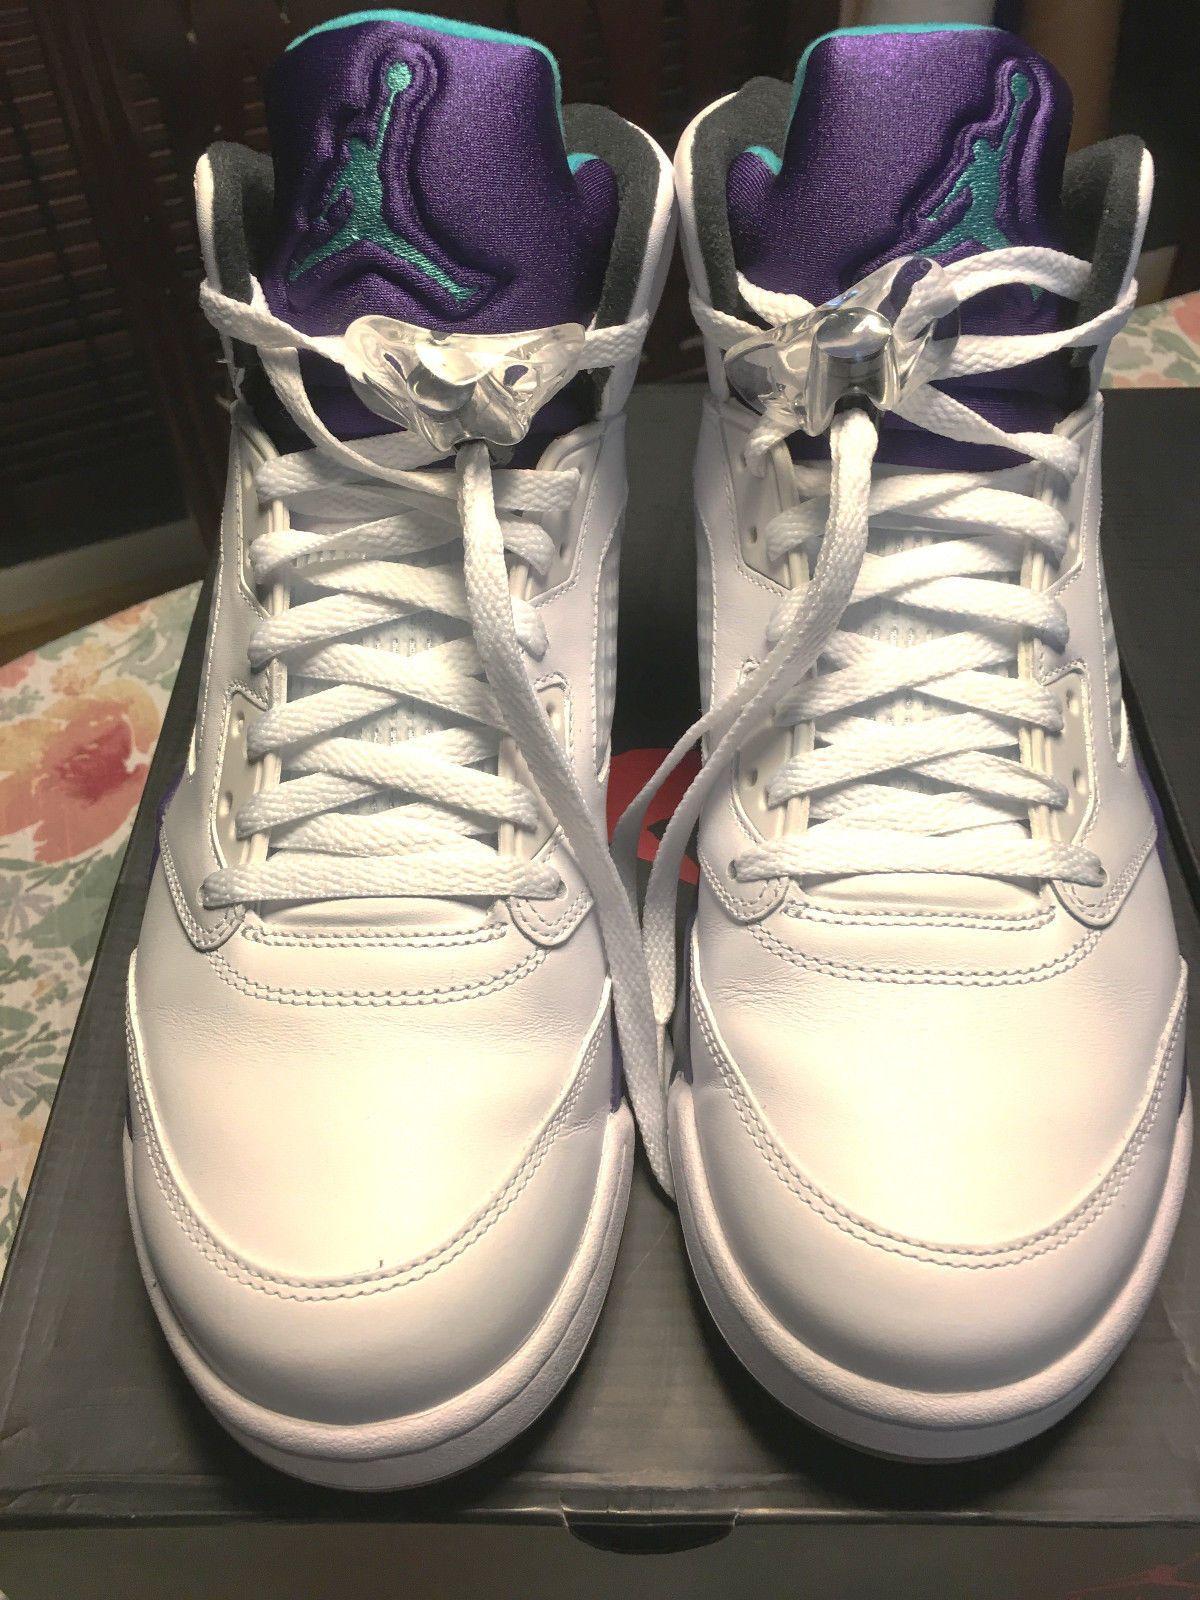 68c4d5ad601d Details about Nike Air Jordan Retro 5 Grapes Fresh Prince size 11 ...